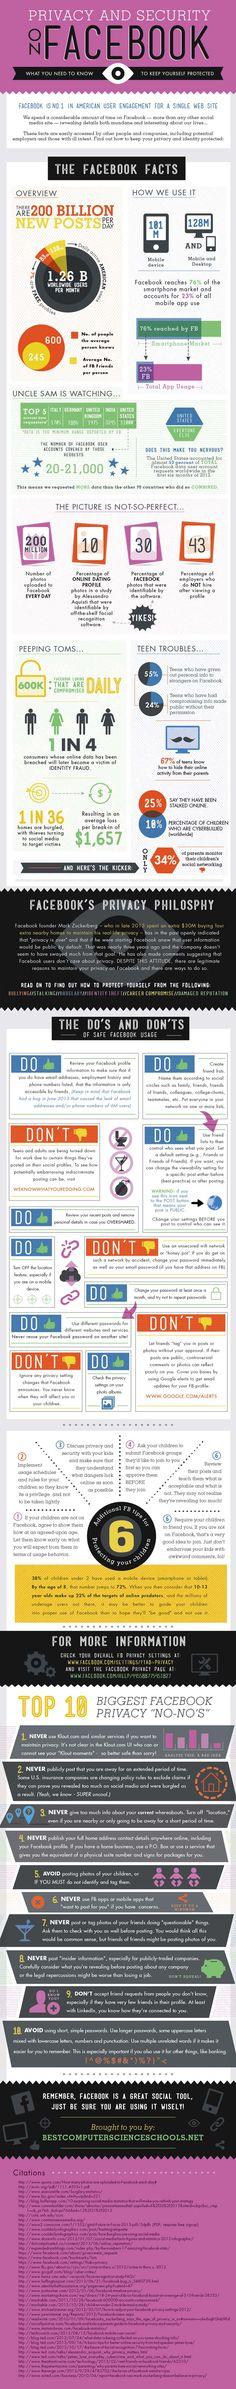 Safet first!! #facebook #dangerousfacebook #infographics